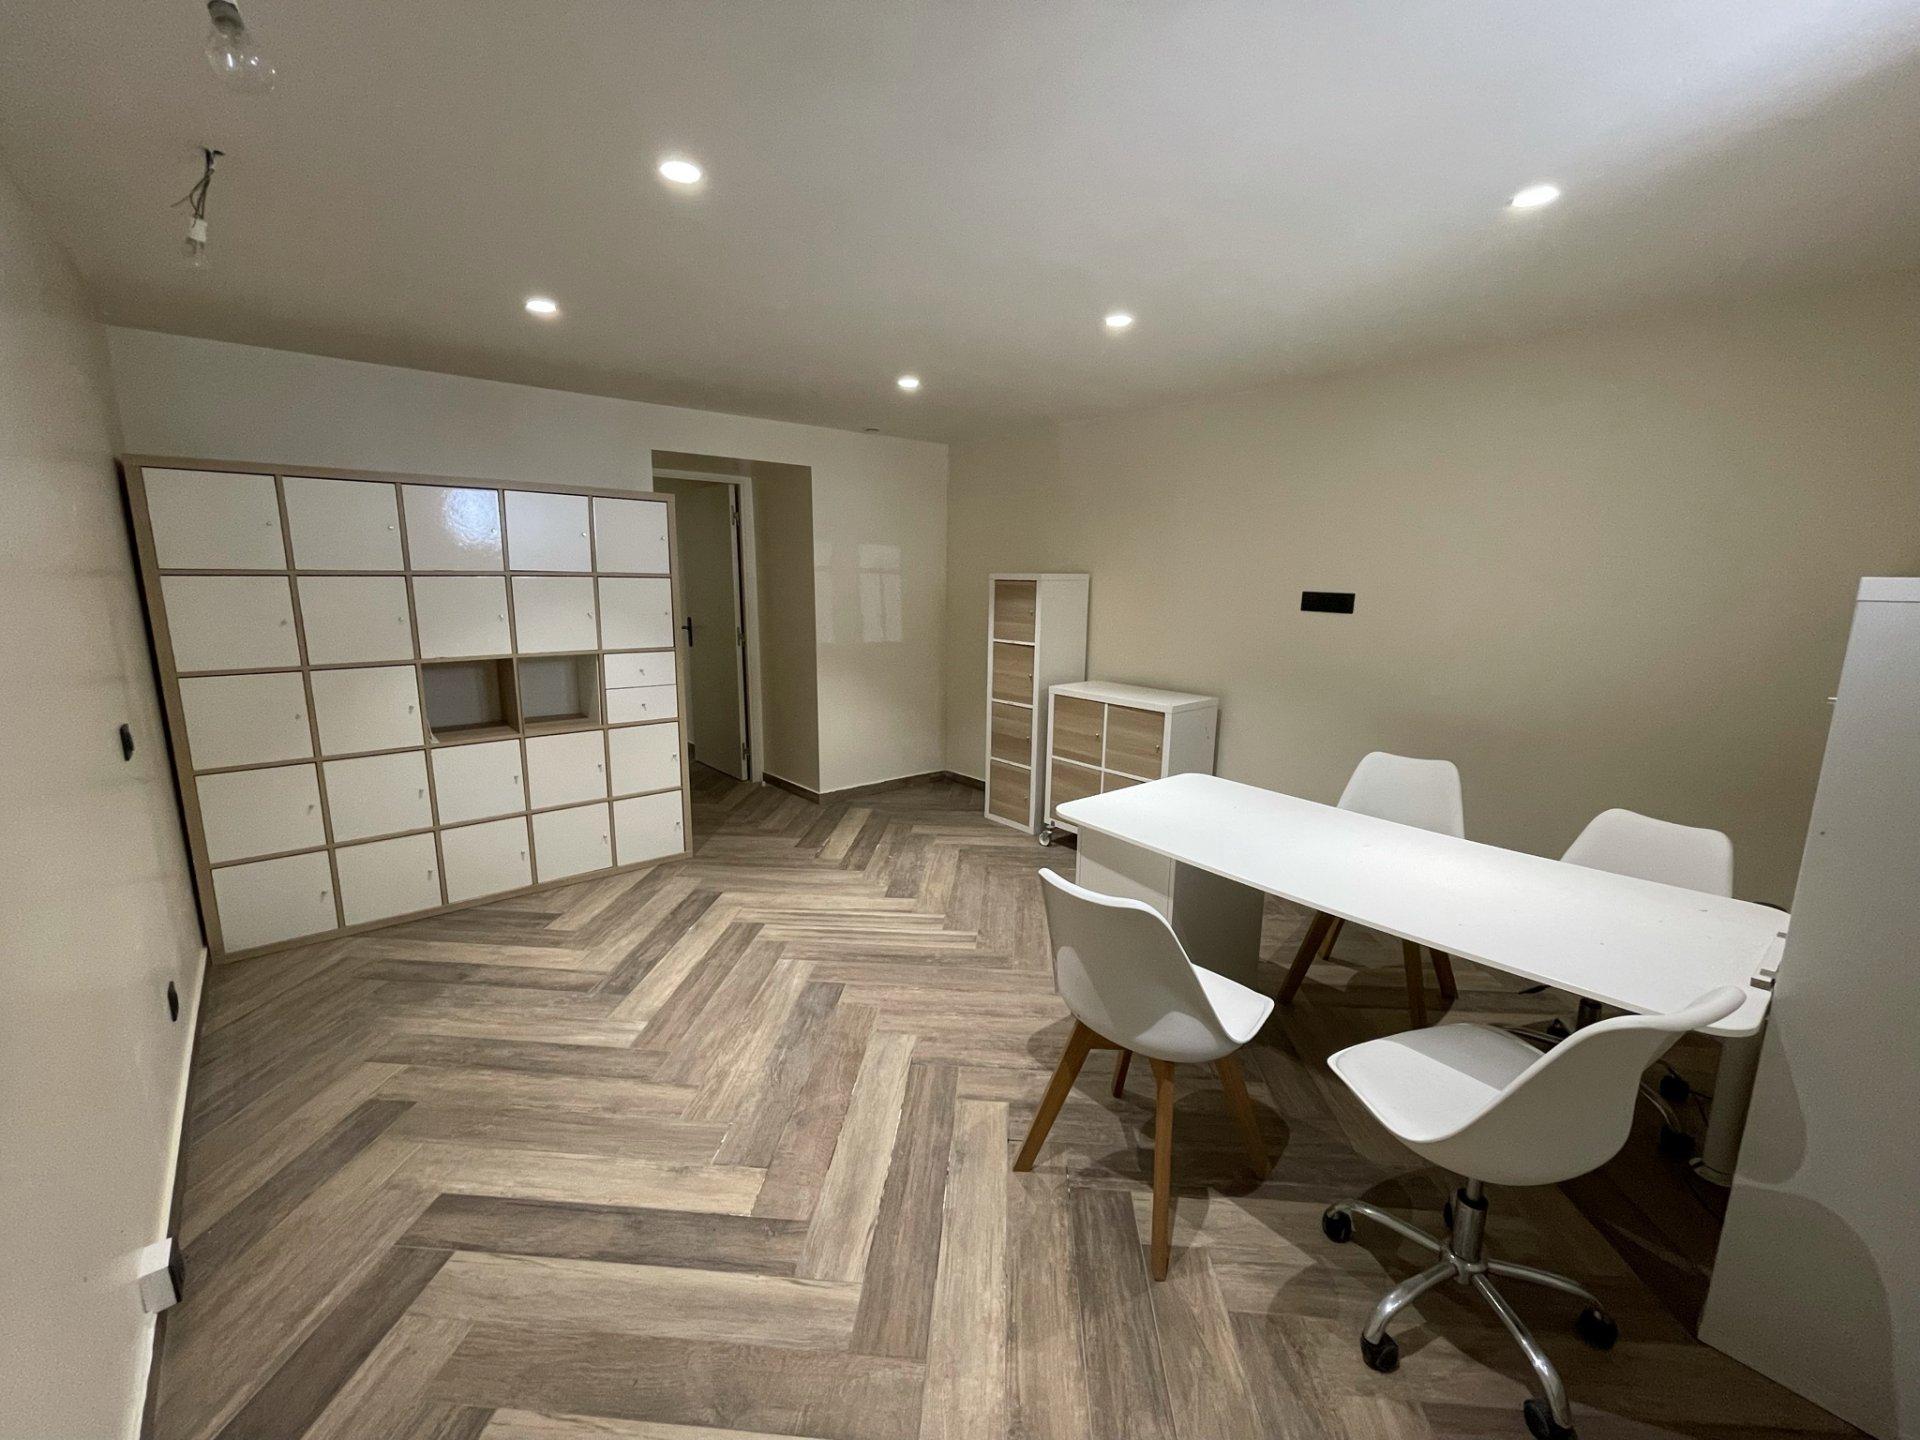 Location Meublée Nice, 2 pièces 29,78 m² situé Carré d'Or